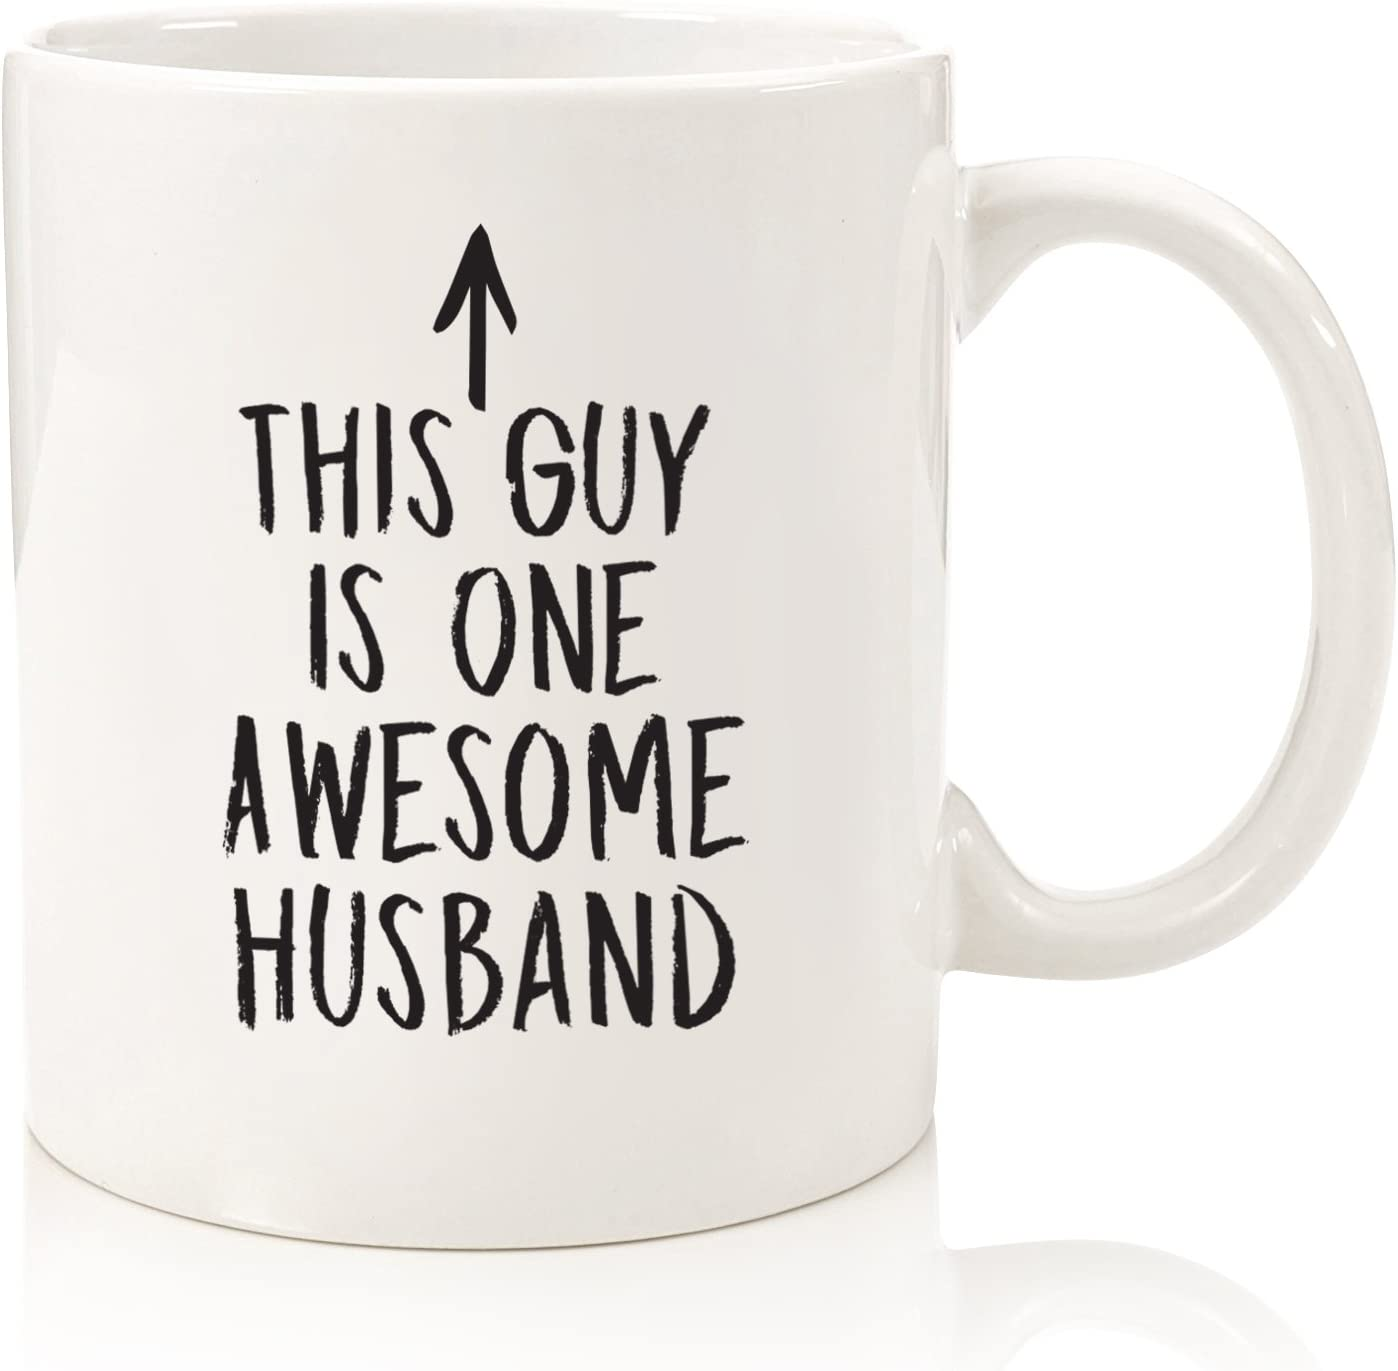 One Awesome Husband Funny Coffee Mug